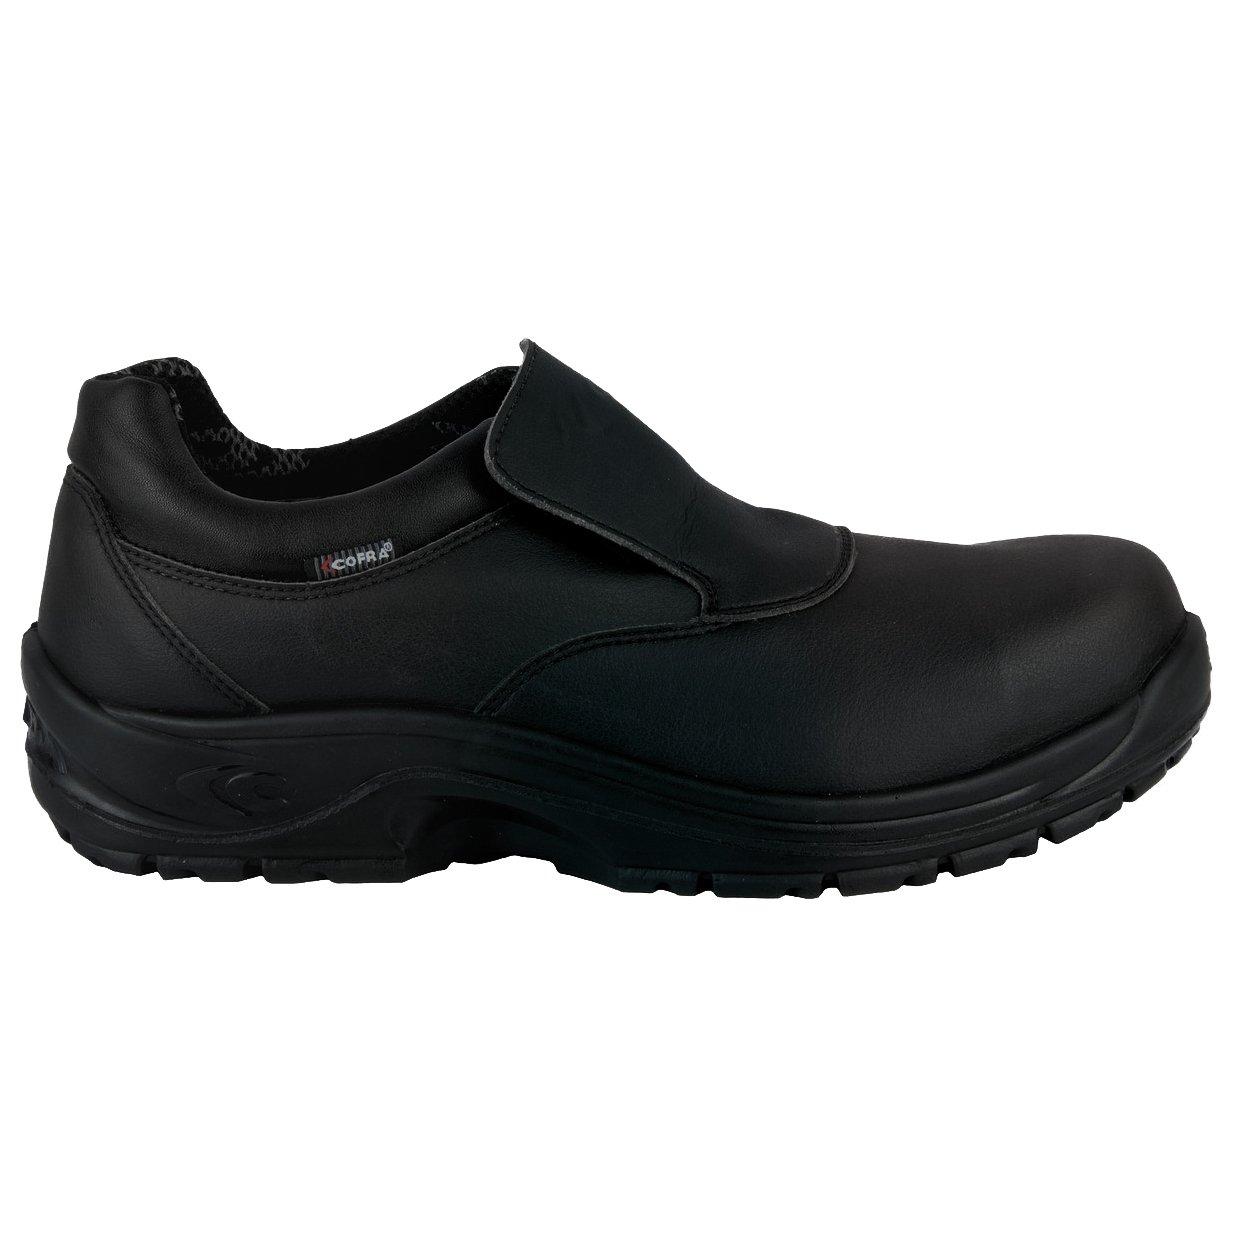 Cofra Tiberius S3 S3 S3 SRC Sicherheit Schuhe Schwarz Größe 39 - d01aa3